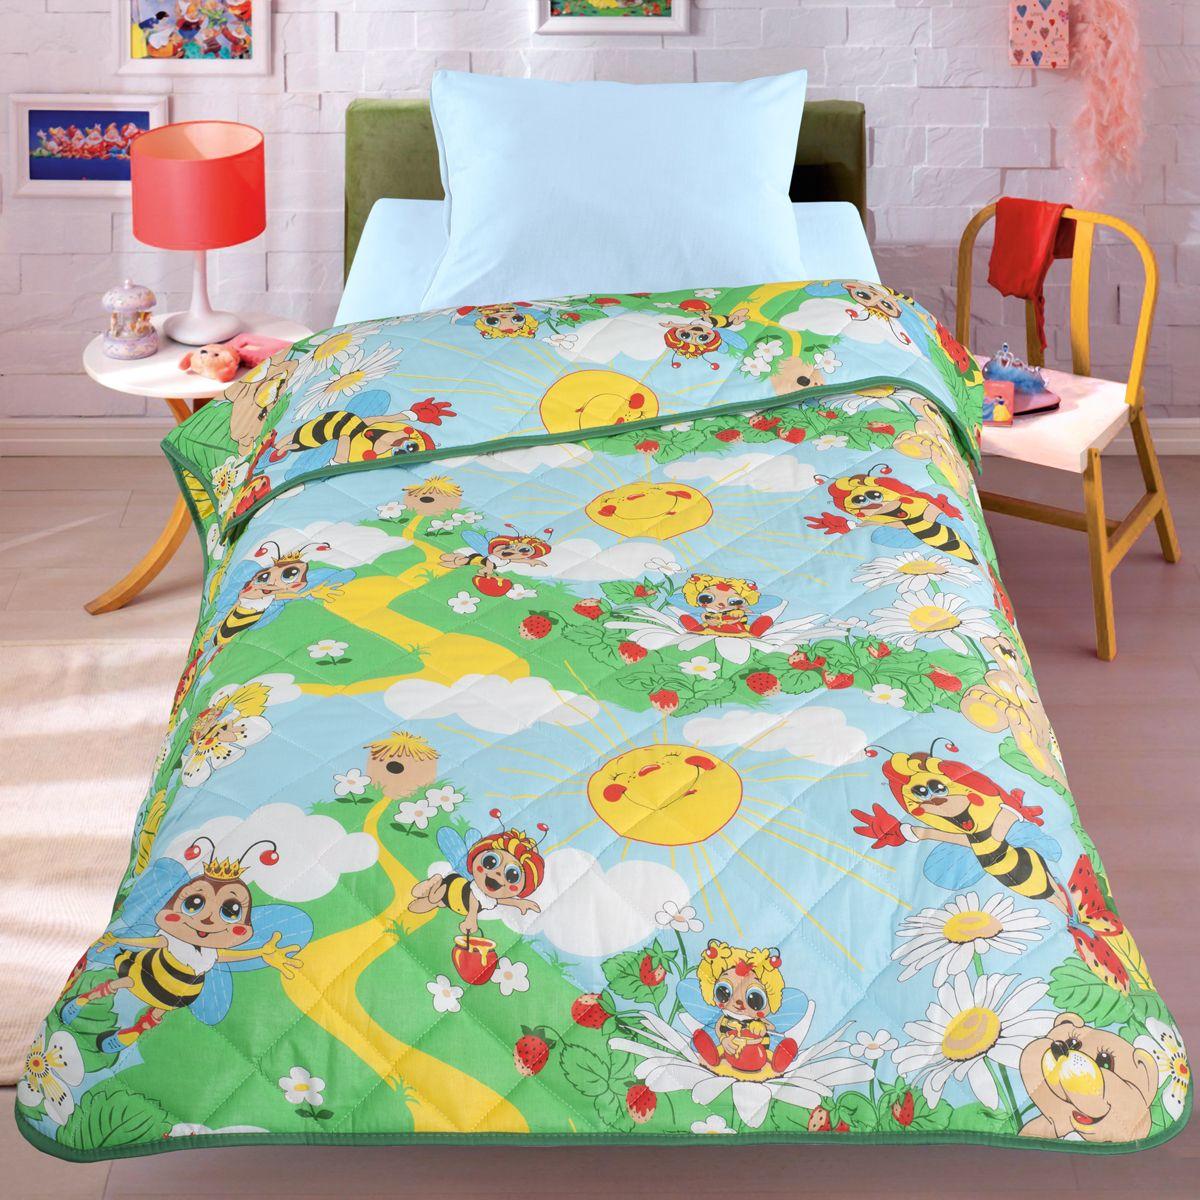 Покрывало-одеяло Letto Пчела, облегченное, цвет: зеленый, 140 x 200 смpchela140Легкое оригинальное покрывало в чехле будет радовать вас и вашего малыша в течение всего года. Сидеть на таком покрывале будет приятно и комфортно - ведь оно выполнено из 100% хлопка. К тому же покрывало можно использовать и как одеяло на детскую кровать. Дизайн двусторонний. Наполнитель - силиконизированное волокно. Вашему ребенку не будет жарко под таким одеялом, а это значит он не будет раскрываться. Оно подлежит машинной стирке при температуре 30 гр., строго на деликатном режиме.